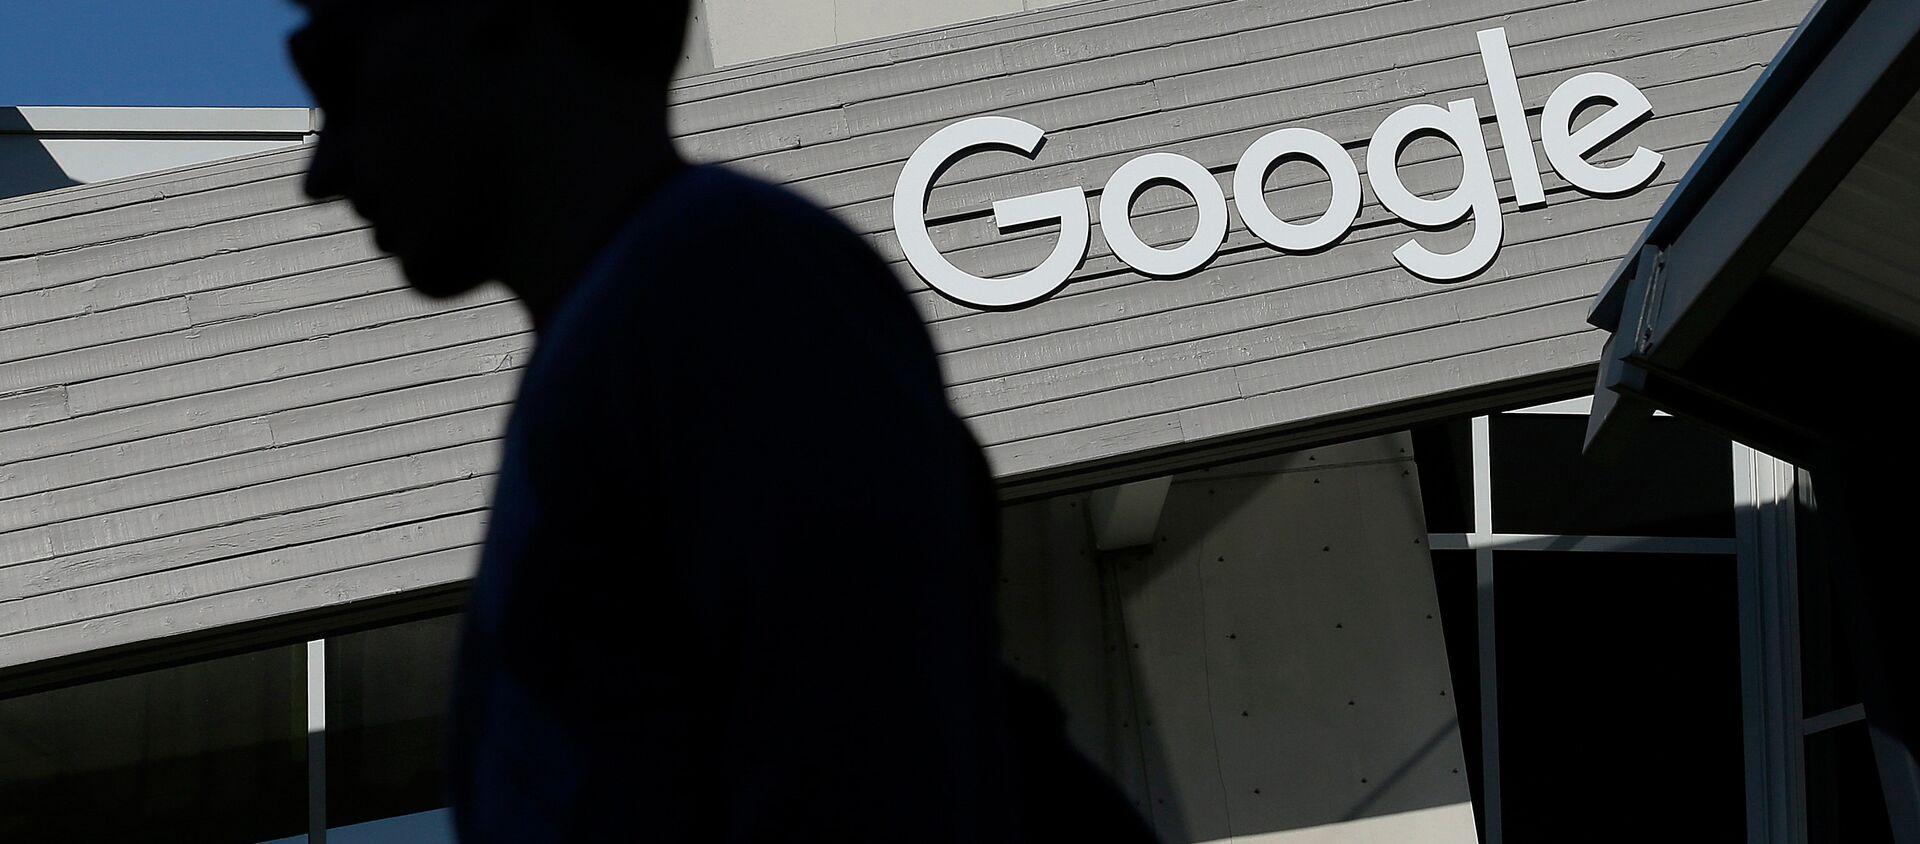 Человек проходит мимо здания кампуса Google в Маунтин-Вью, Калифорния - Sputnik Грузия, 1920, 09.07.2021